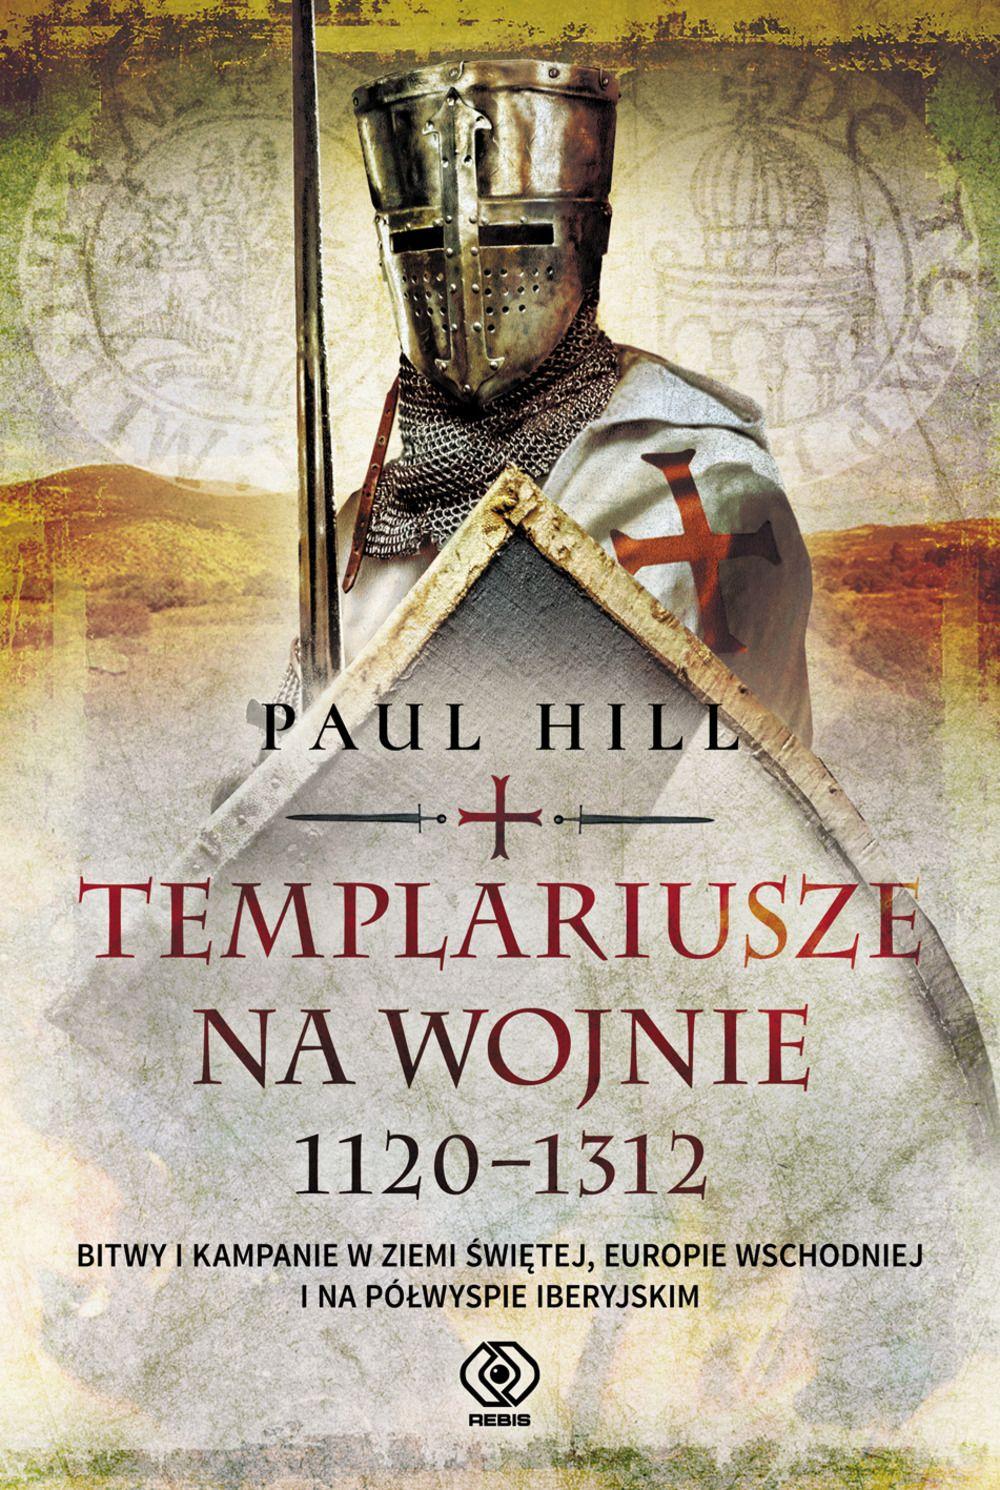 """Artykuł powstał między innymi w oparciu o książkę Paula Hilla """"Templariusze na wojnie. 1120–1312"""" (Rebis 2019)."""